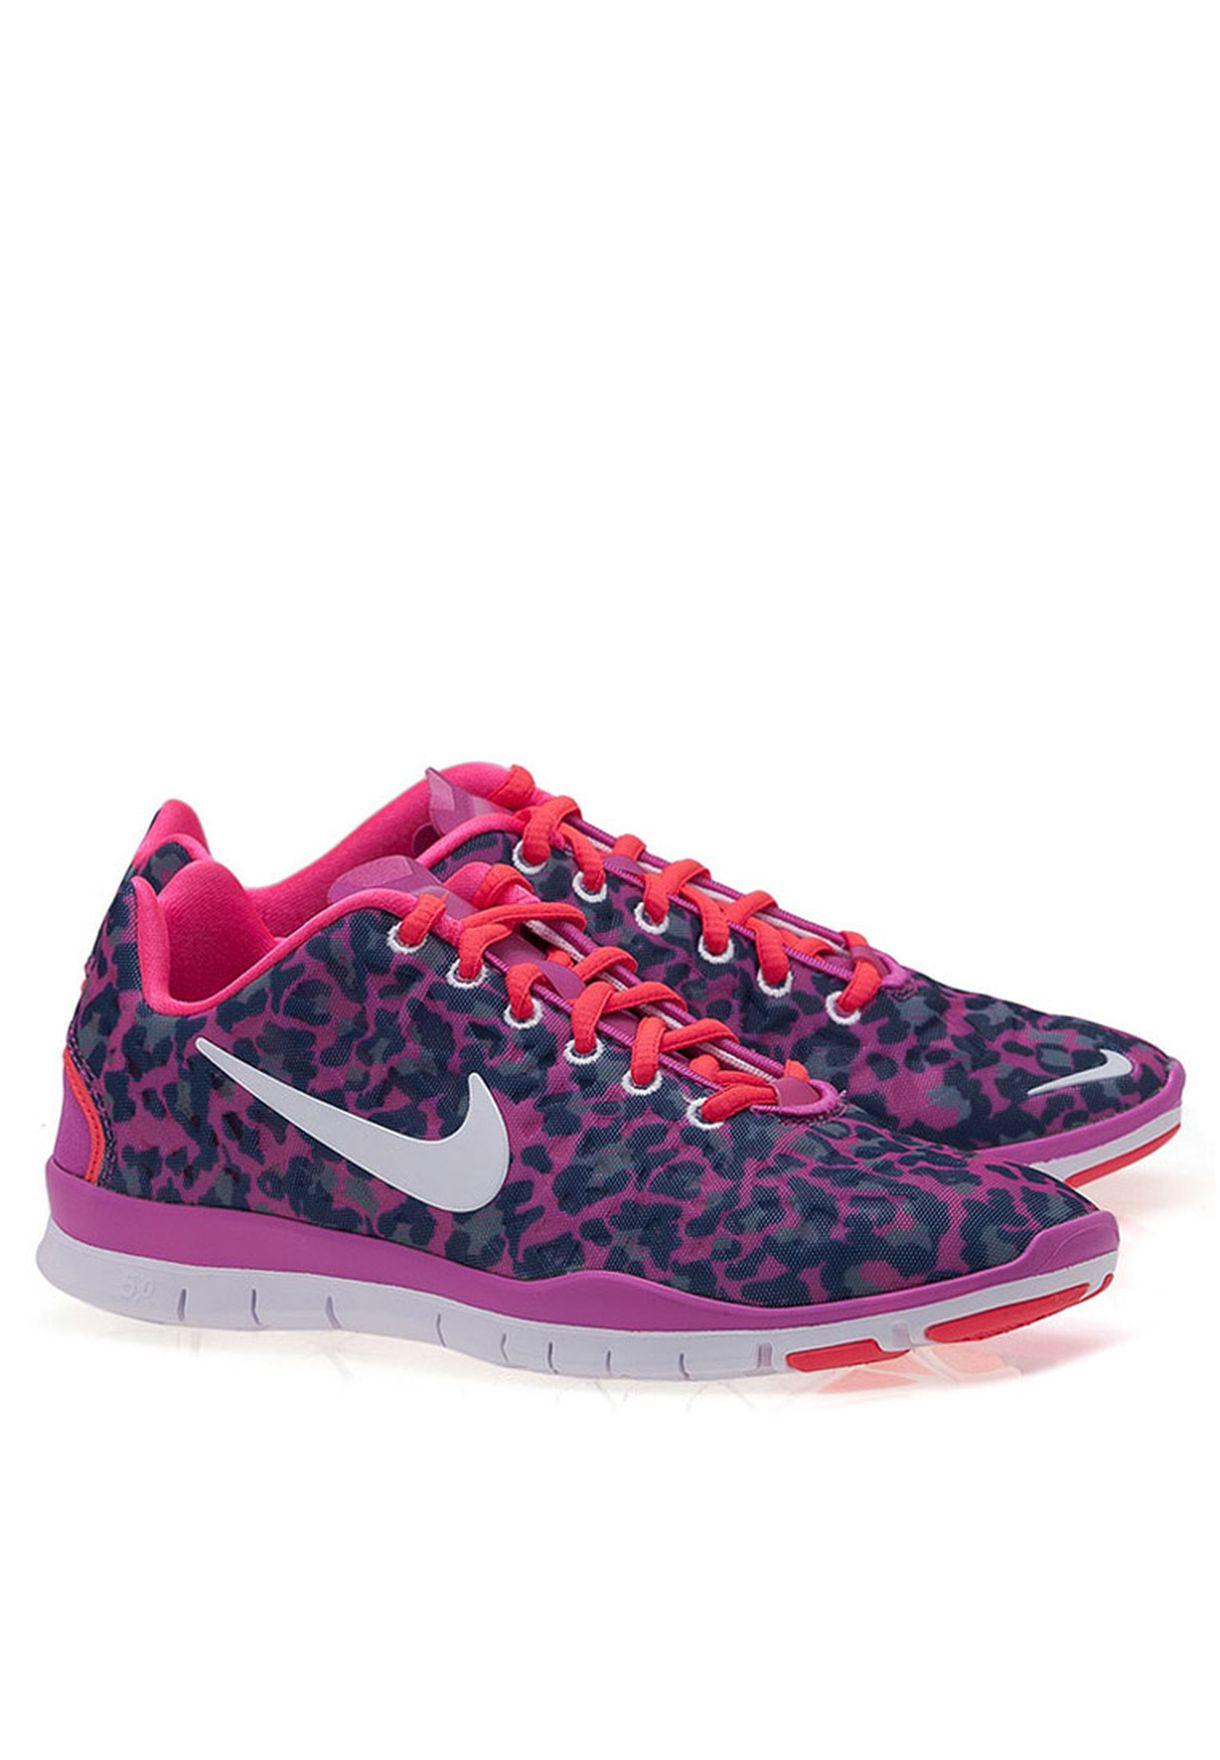 nike free tr fit 3 prt Buy Nike Purple Free Tr Fit 3 Prt for Women in Mena, Worldwide ...